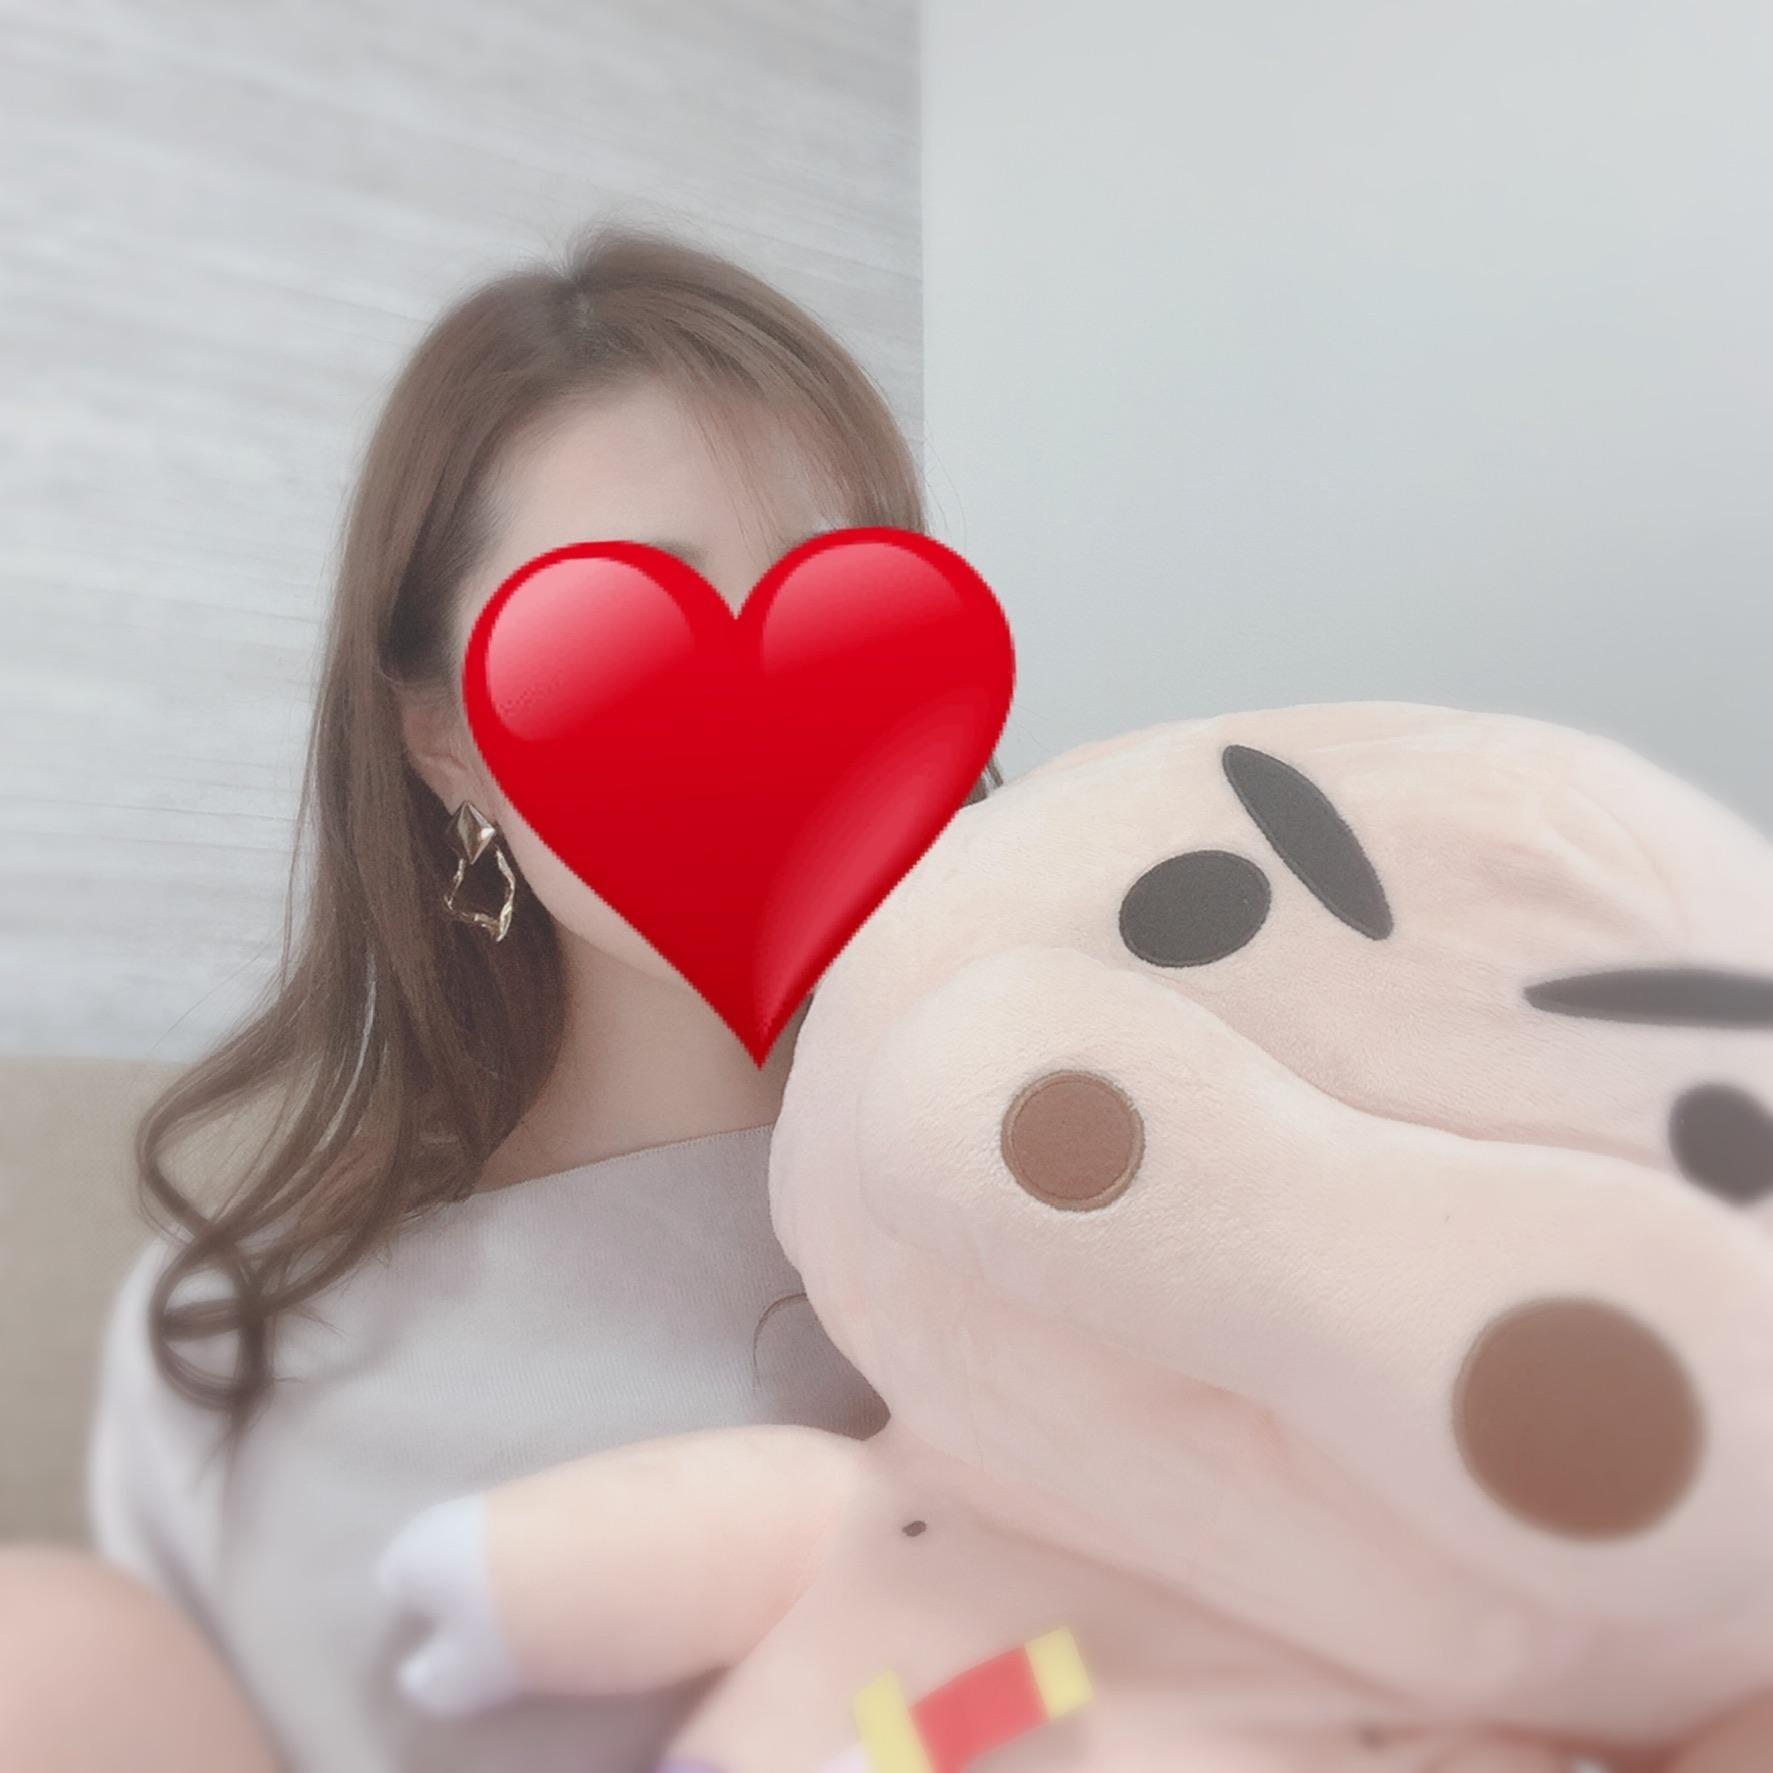 「」04/13(04/13) 15:27 | れいなの写メ・風俗動画